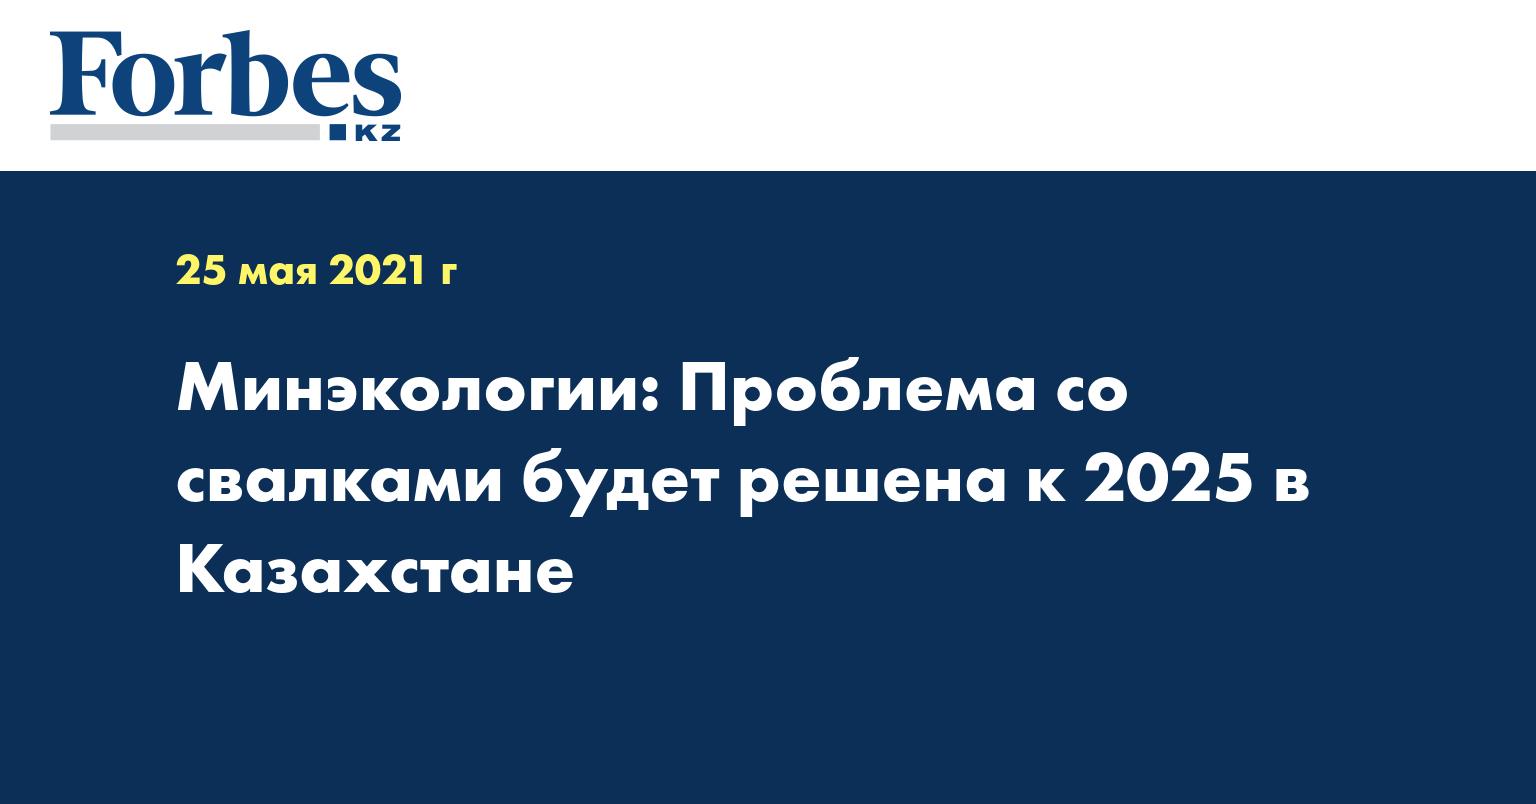 Минэкологии: Проблема со свалками будет решена к 2025 в Казахстане